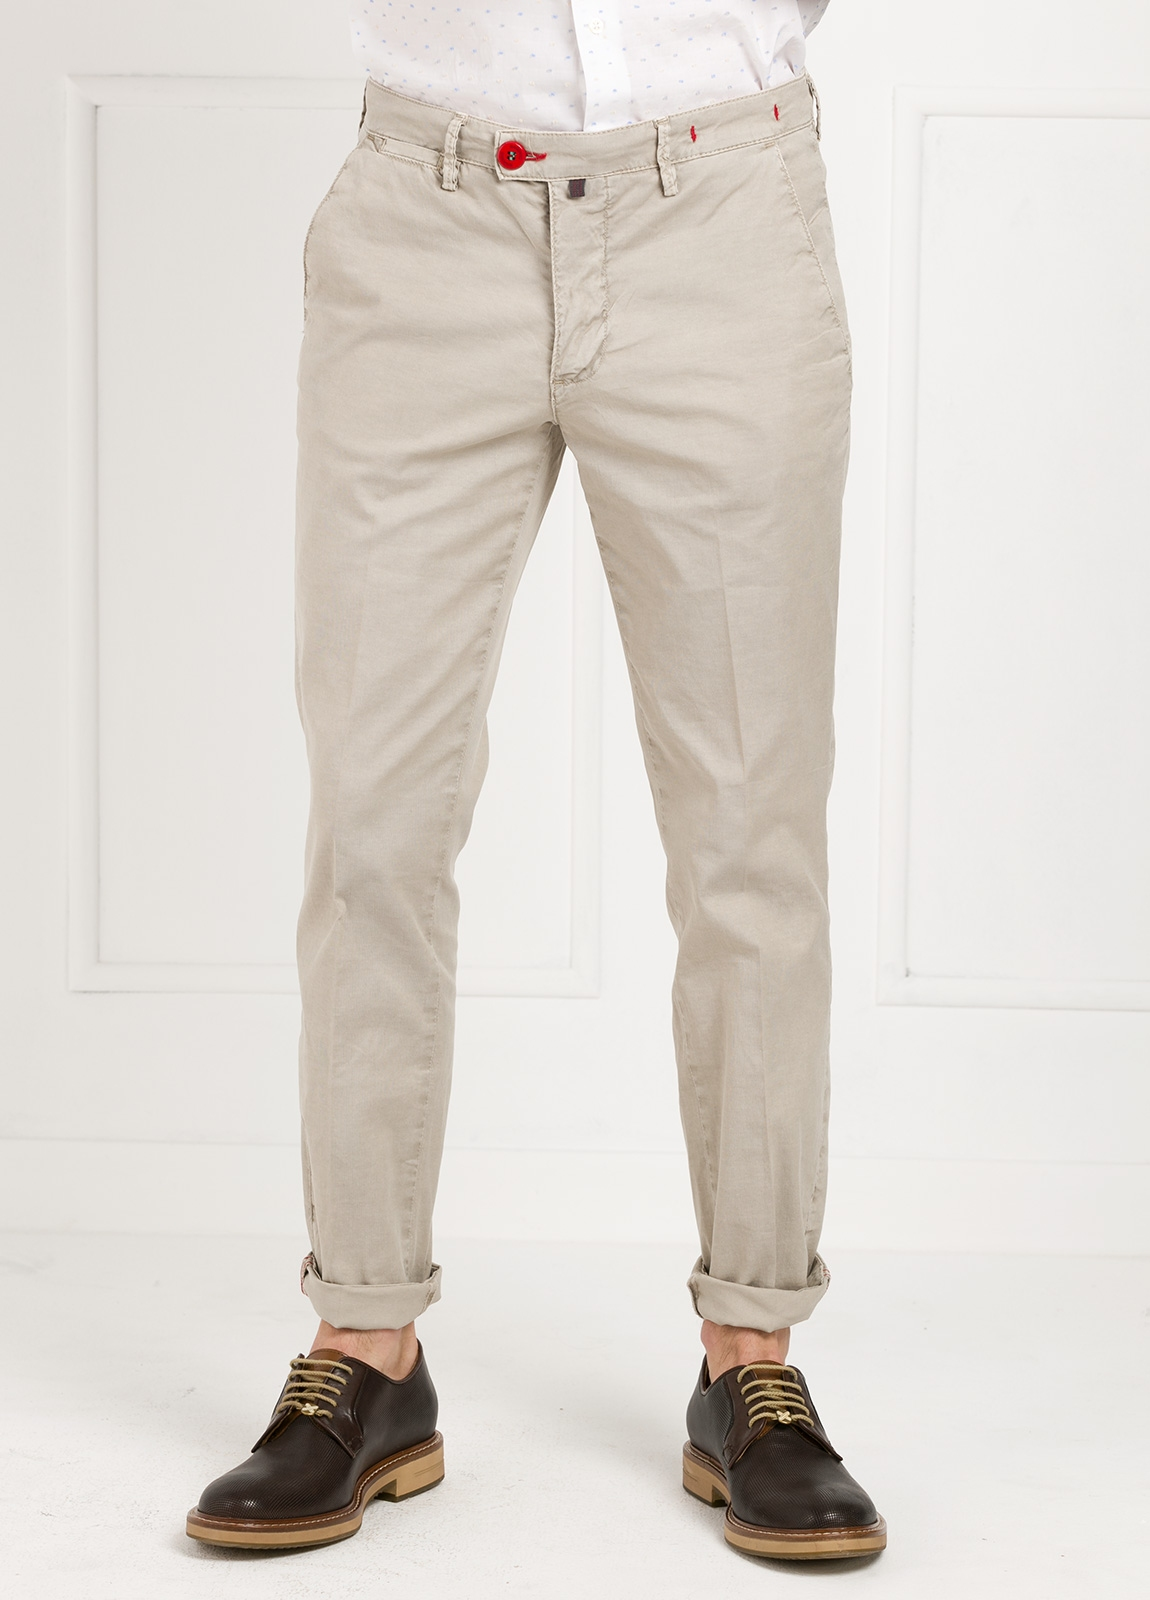 Pantalón chino color piedra. 100% Algodón oxford envejecido.